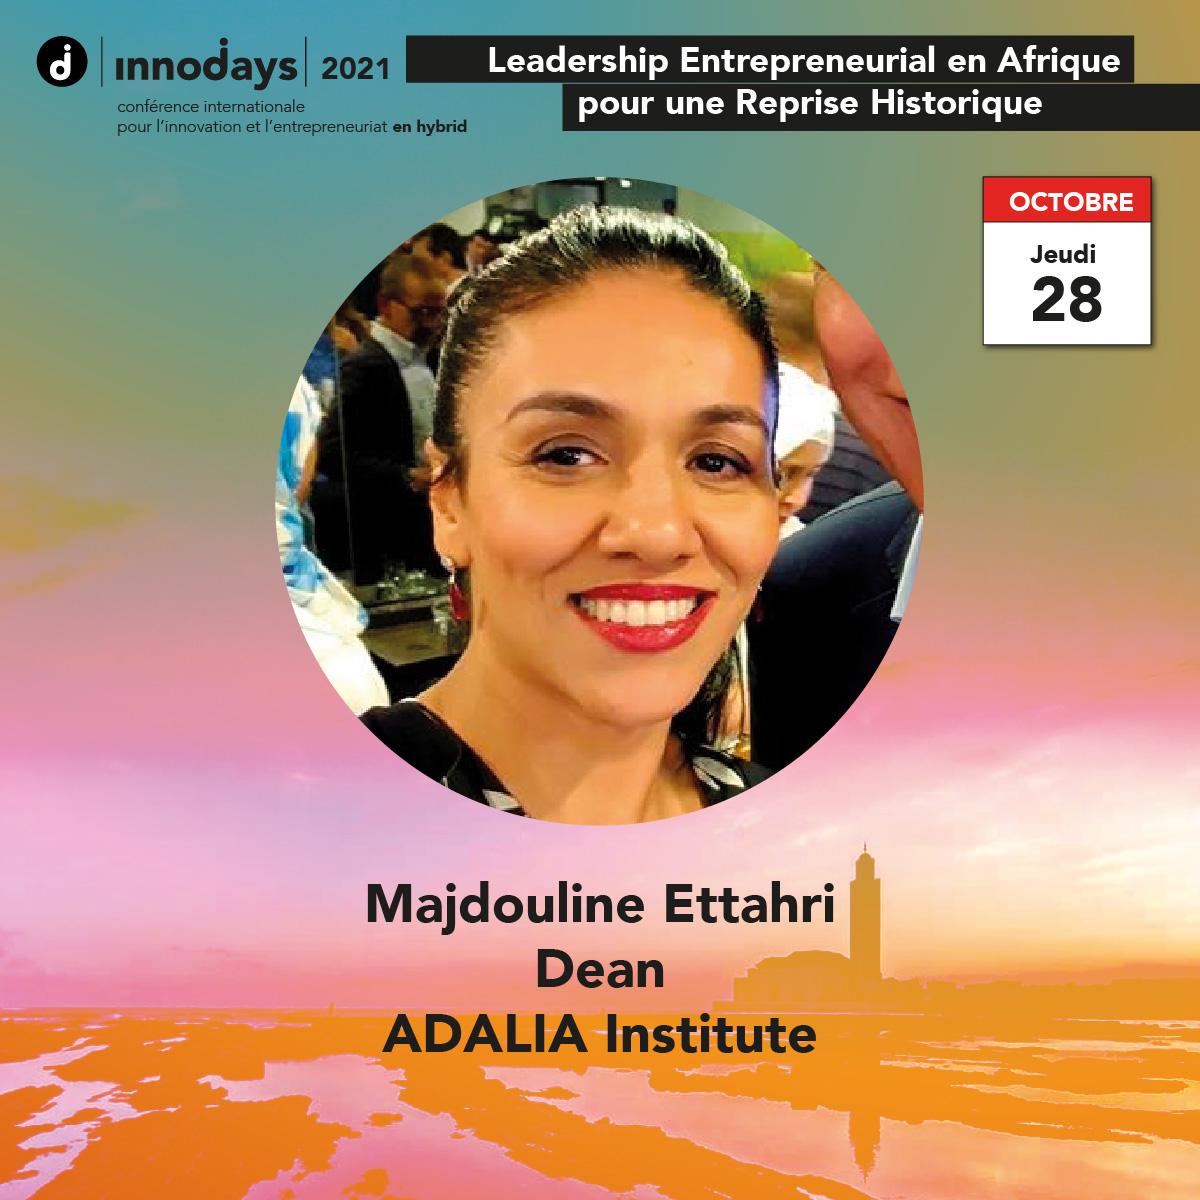 Majdouline Ettahri - Dean - ADALIA Institute